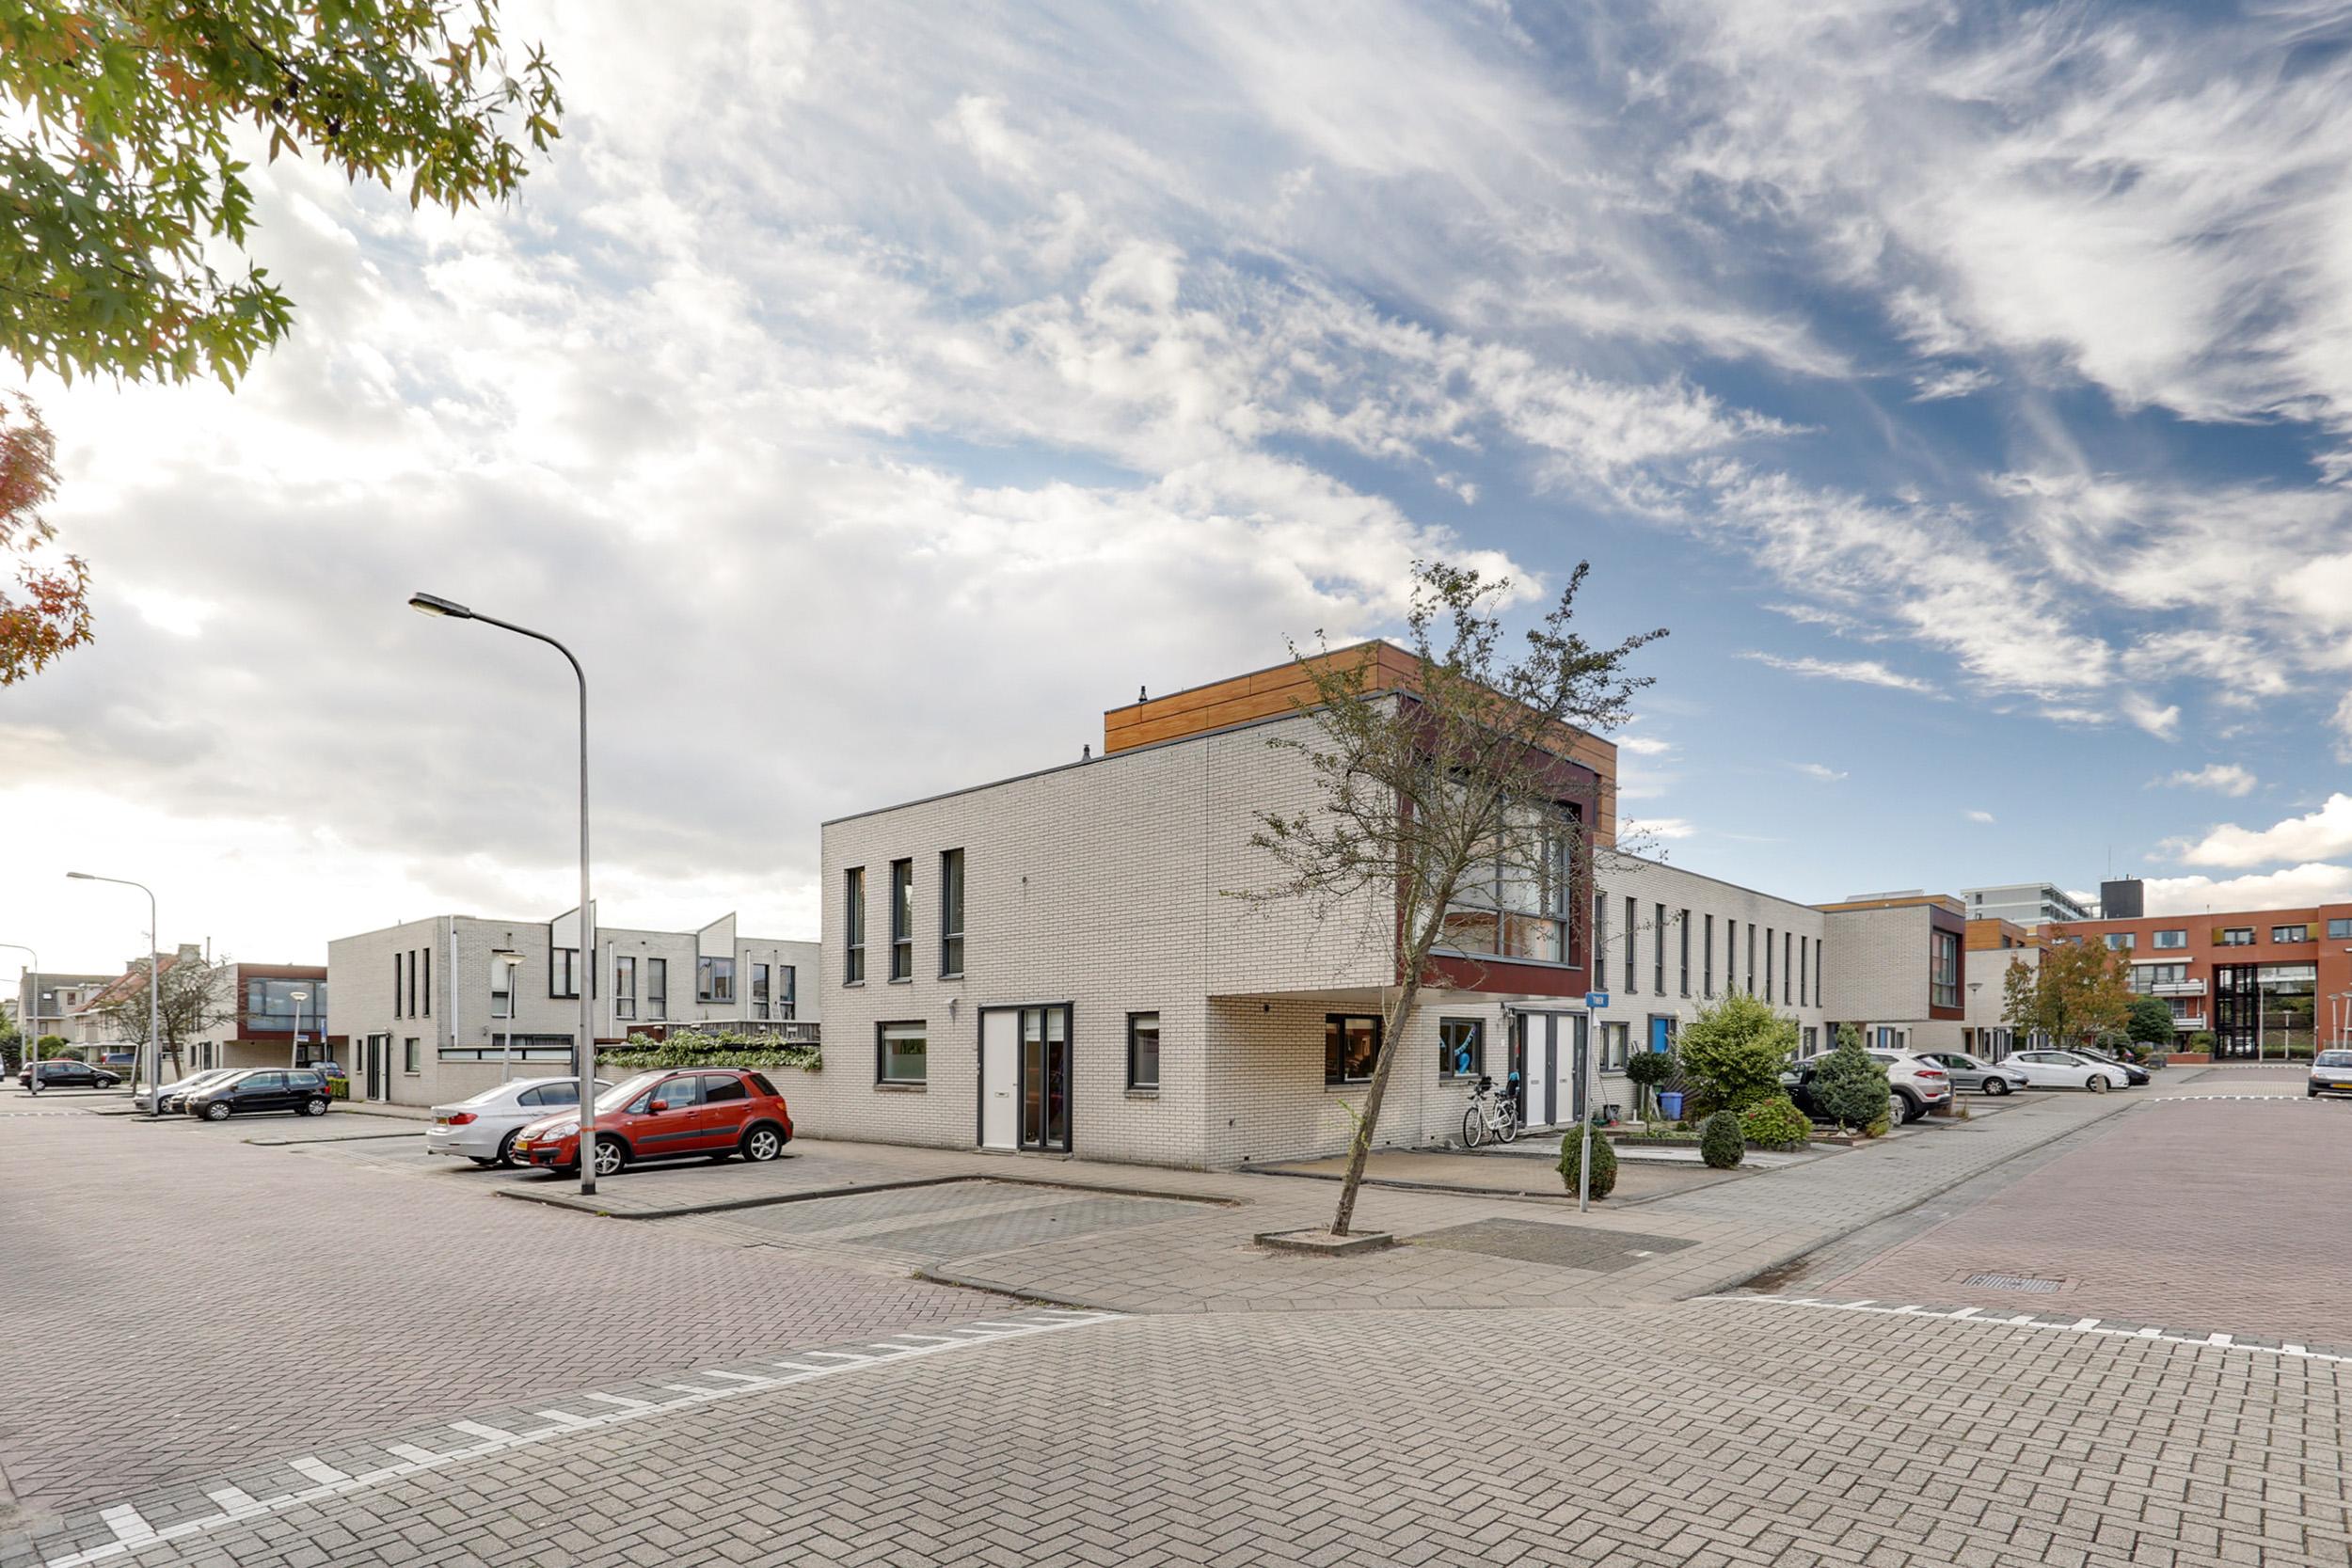 Burgemeester van Heugtenlaan 18, Rotterdam